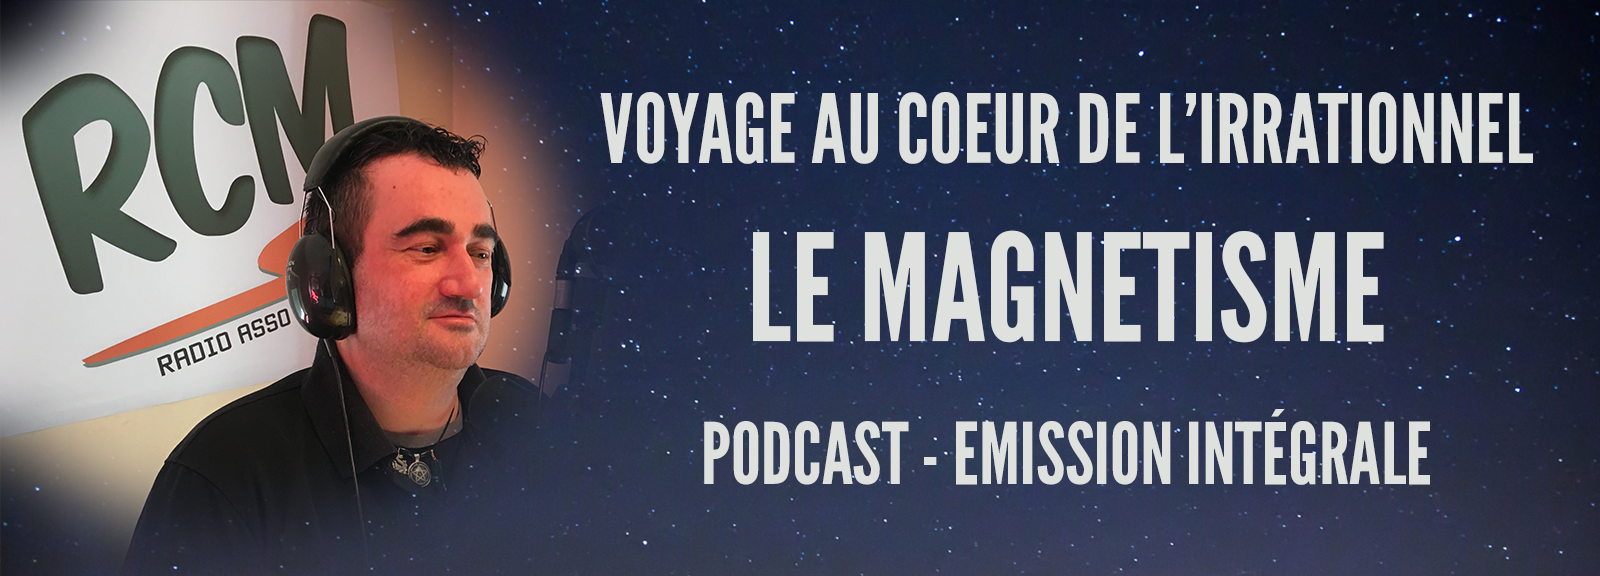 Podcast : Voyage au coeur du magnetisme